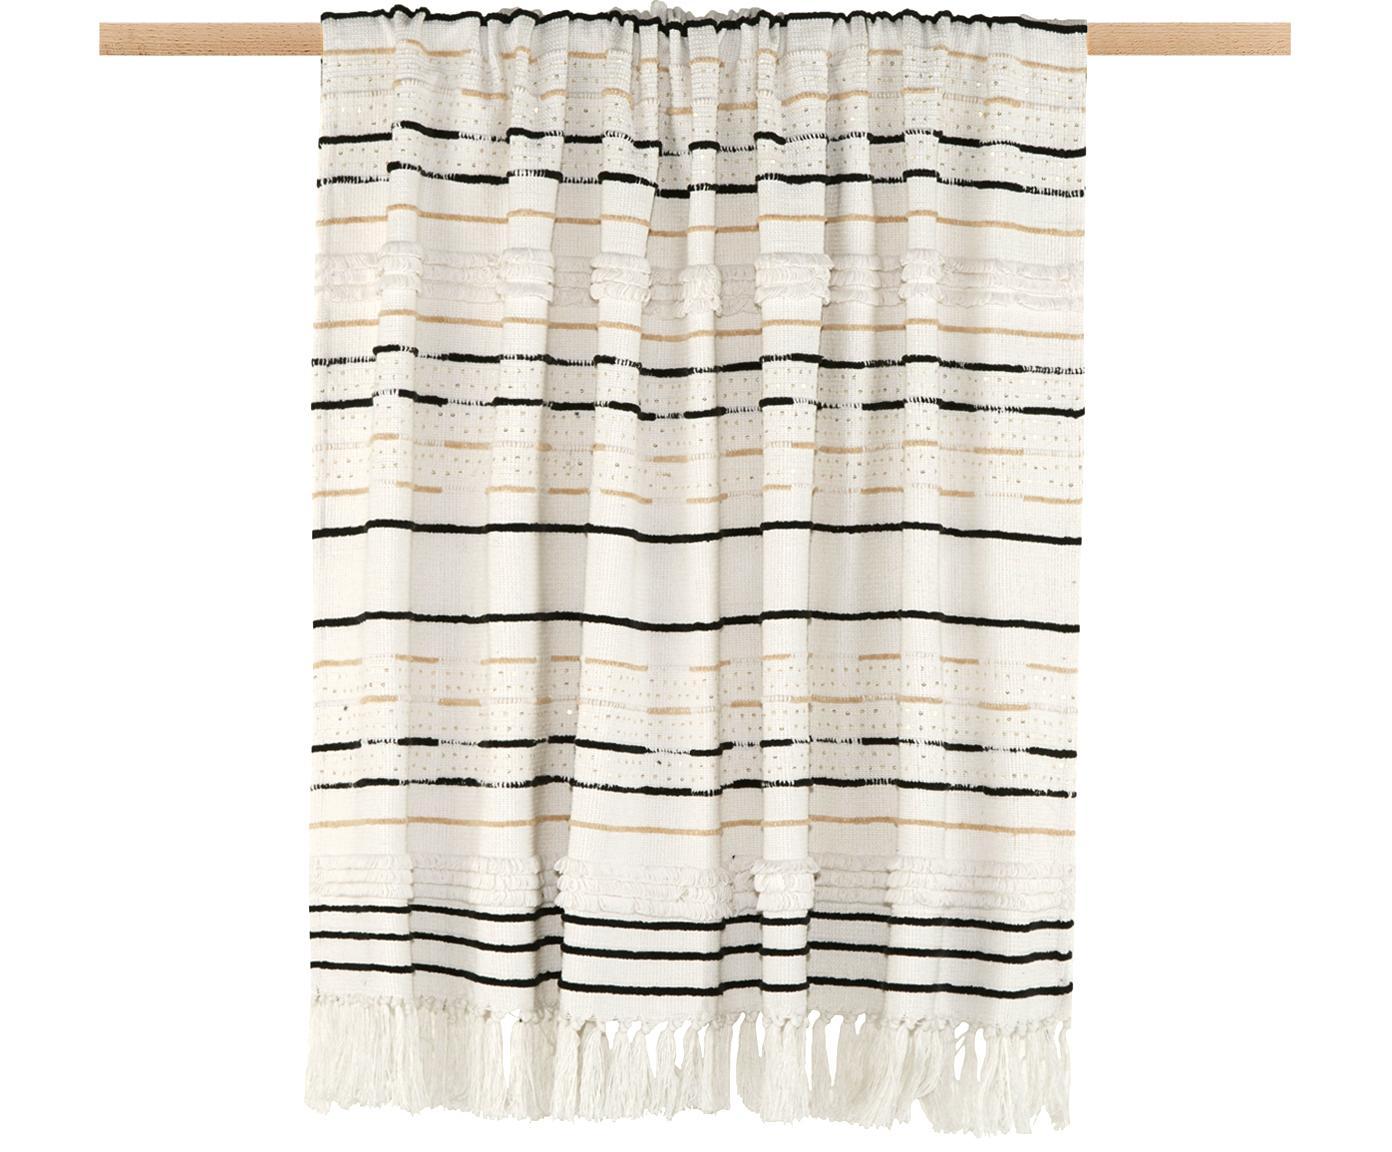 Plaid Lena mit Strukturmuster und Pailletten, Plaid: 100% Baumwolle, Gebrochenes Weiß, Schwarz, Hellbeige, 130 x 170 cm